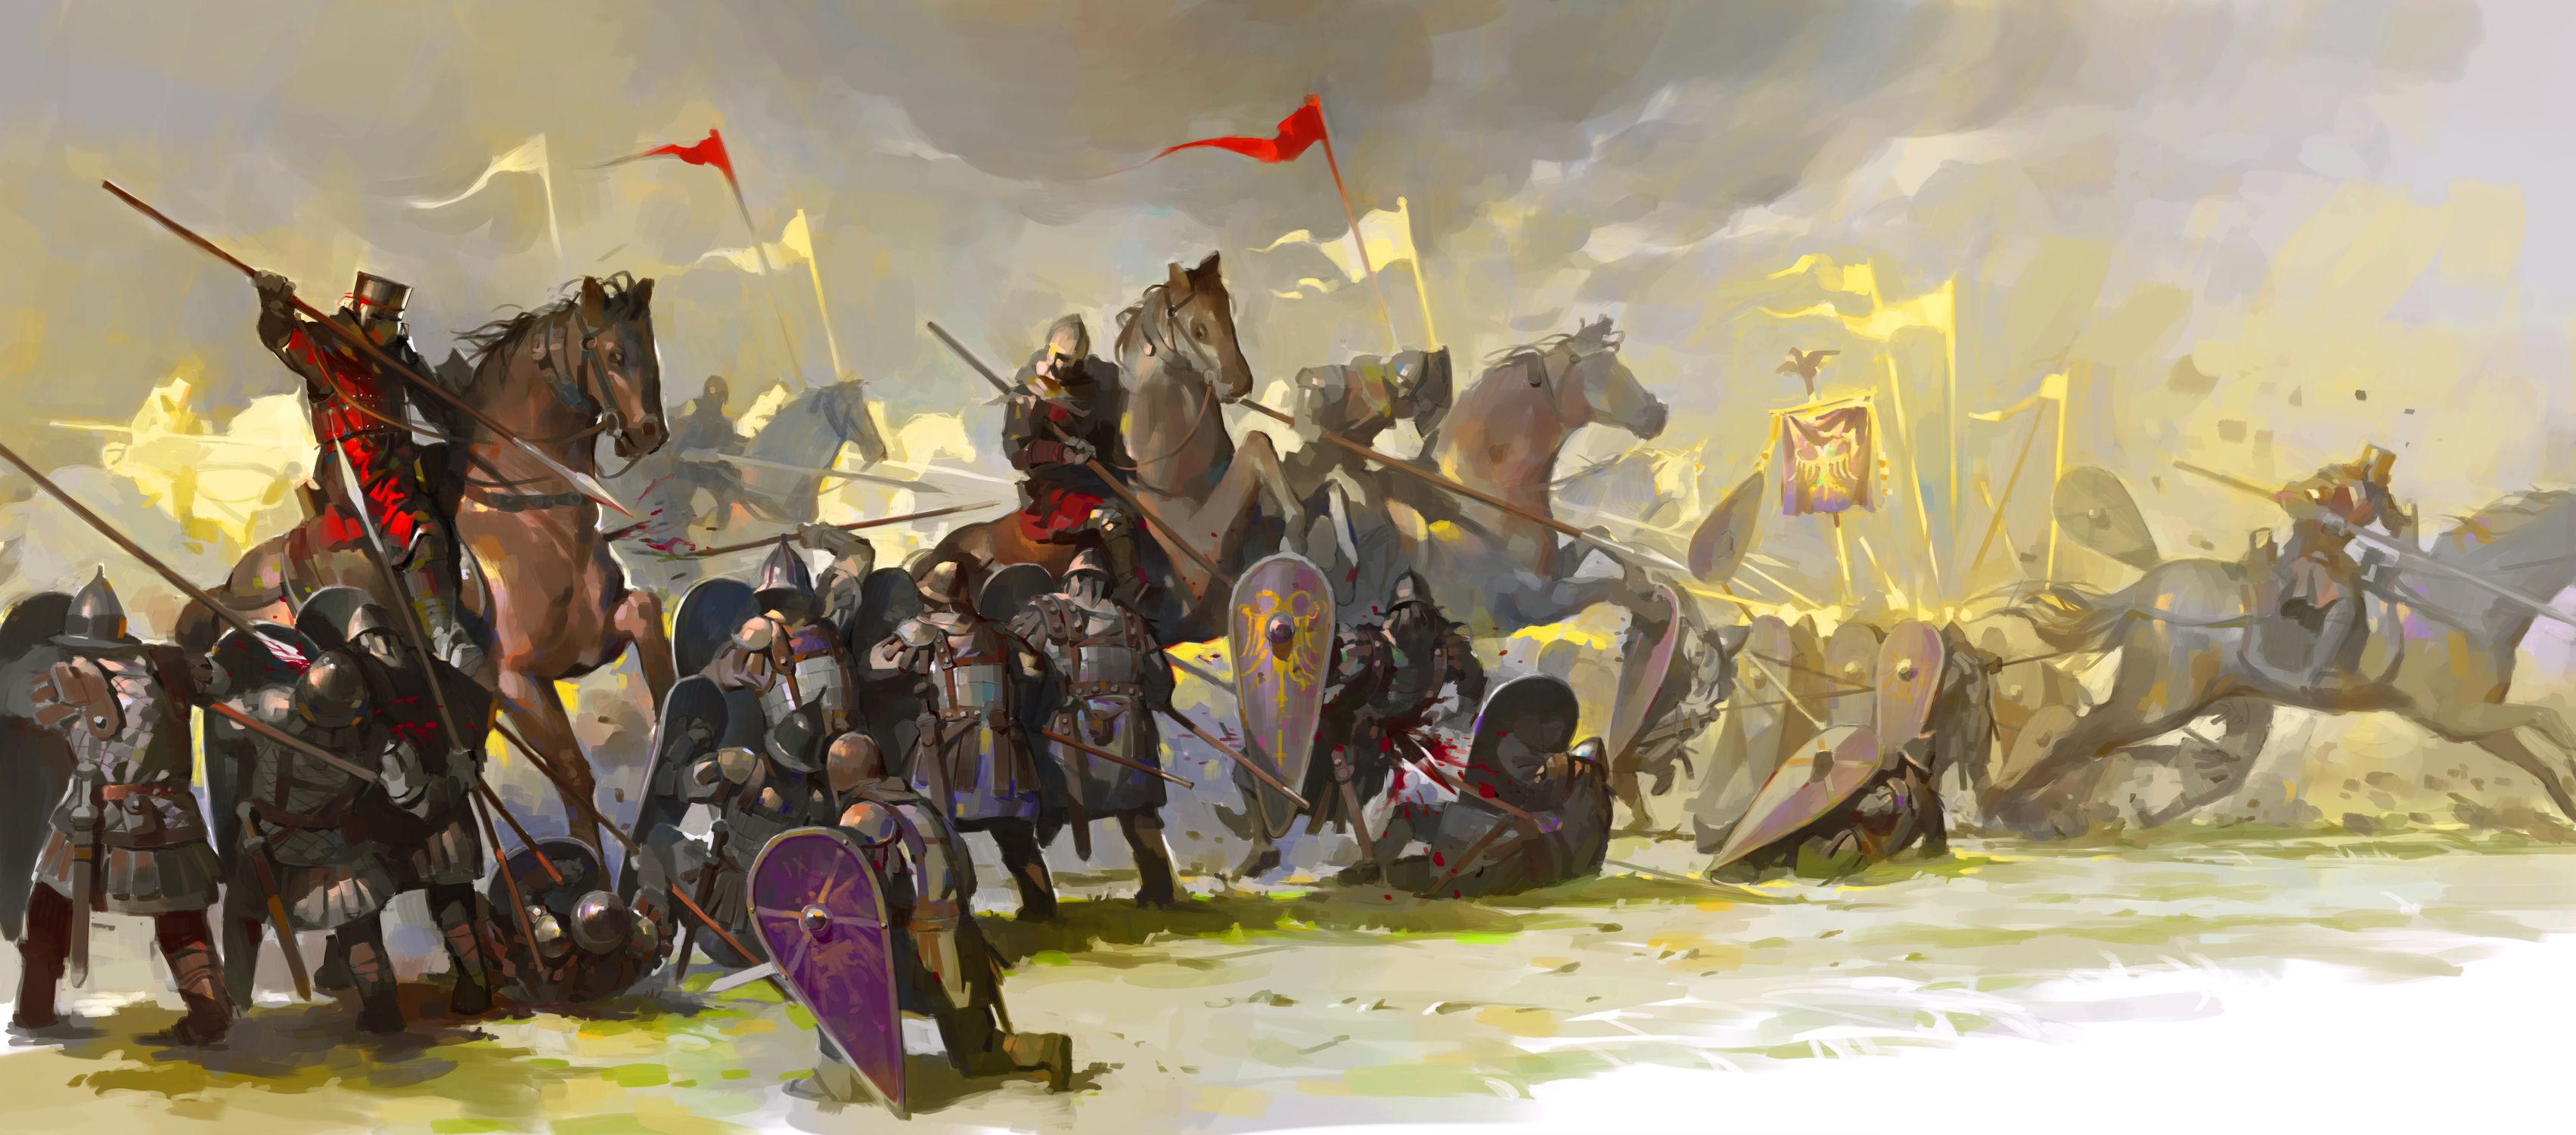 breaking_imperial_spear_wall__bannerlord_by_fkcogus333_ddw4drj-fullview.jpg